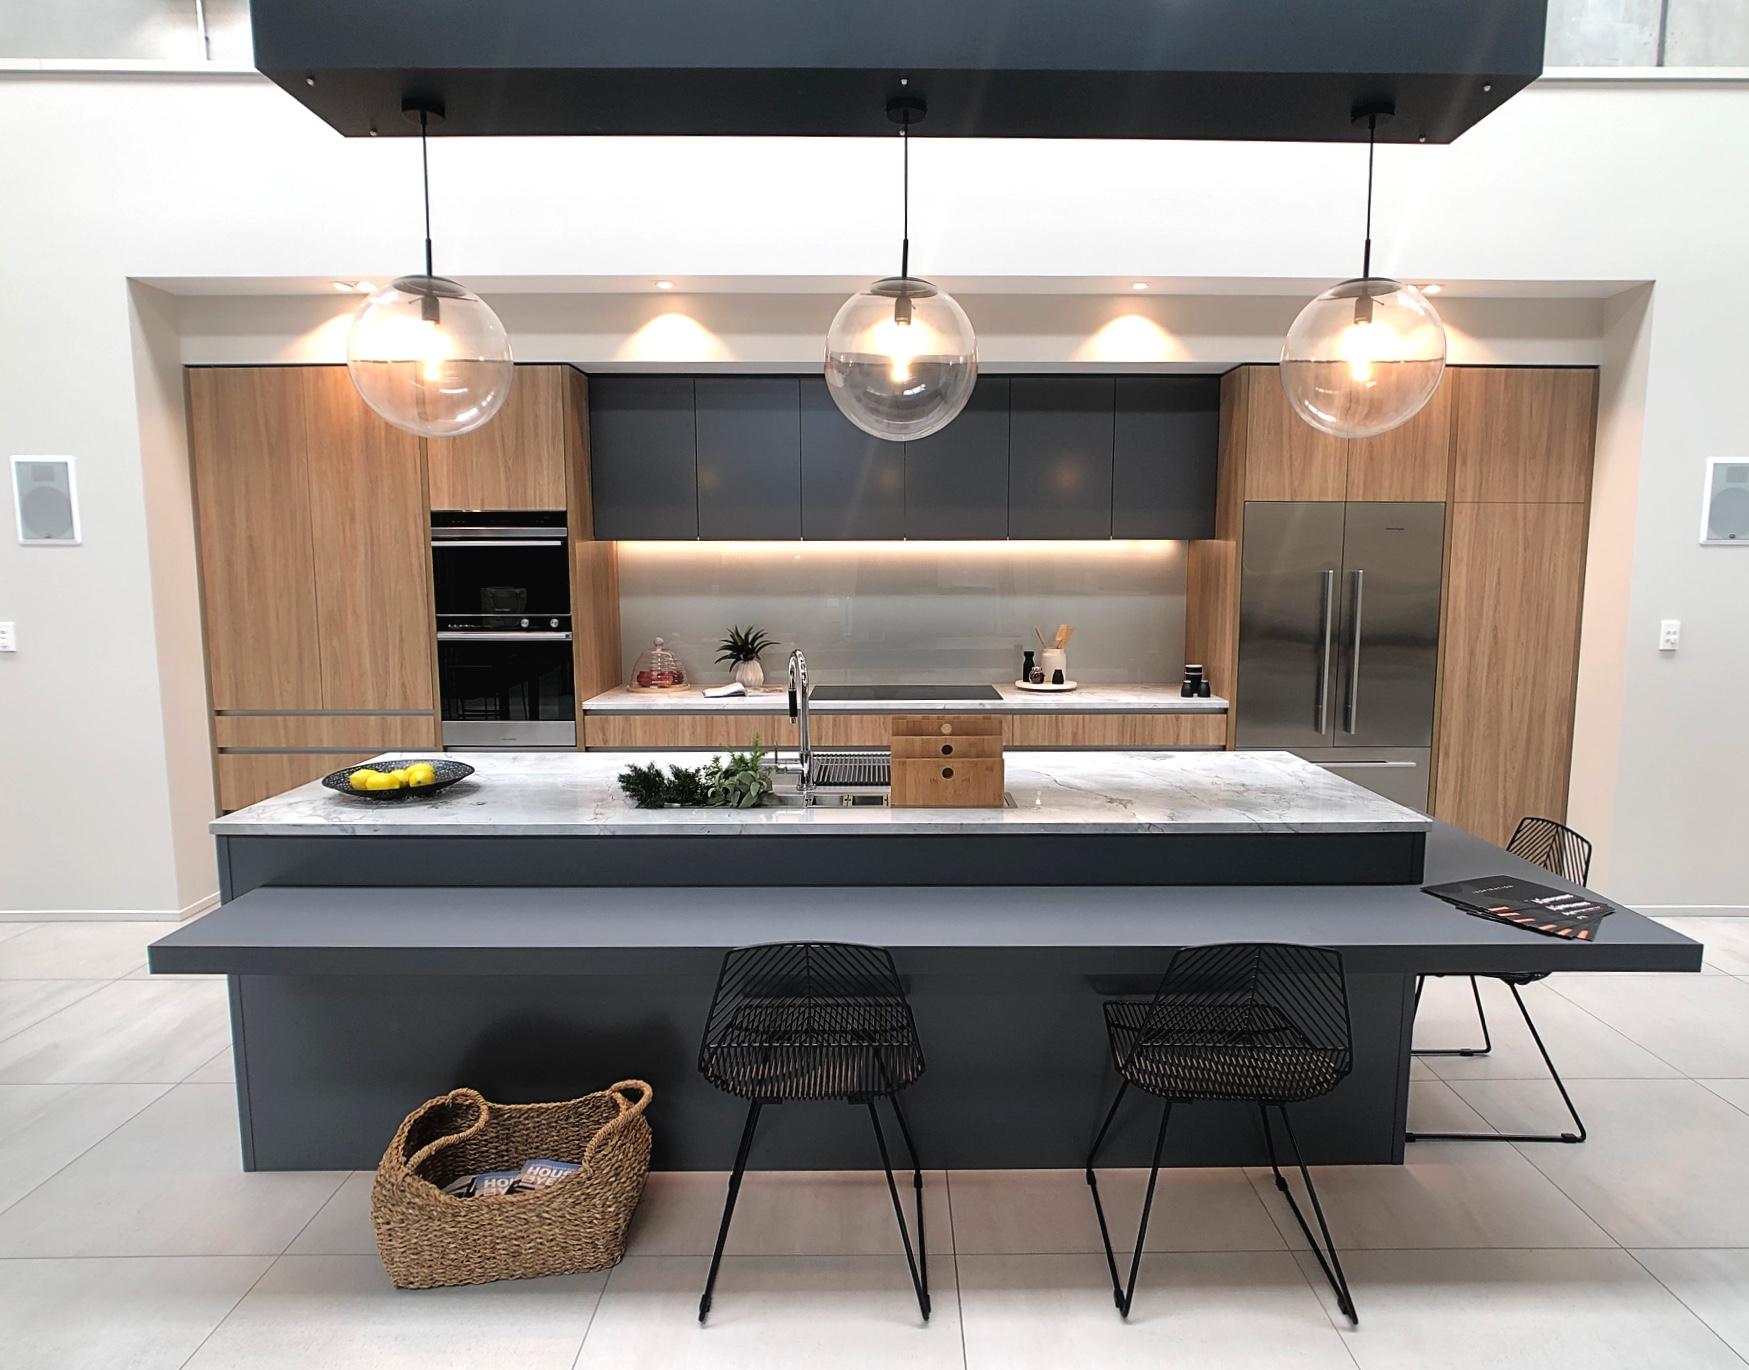 modern kitchen with island bench